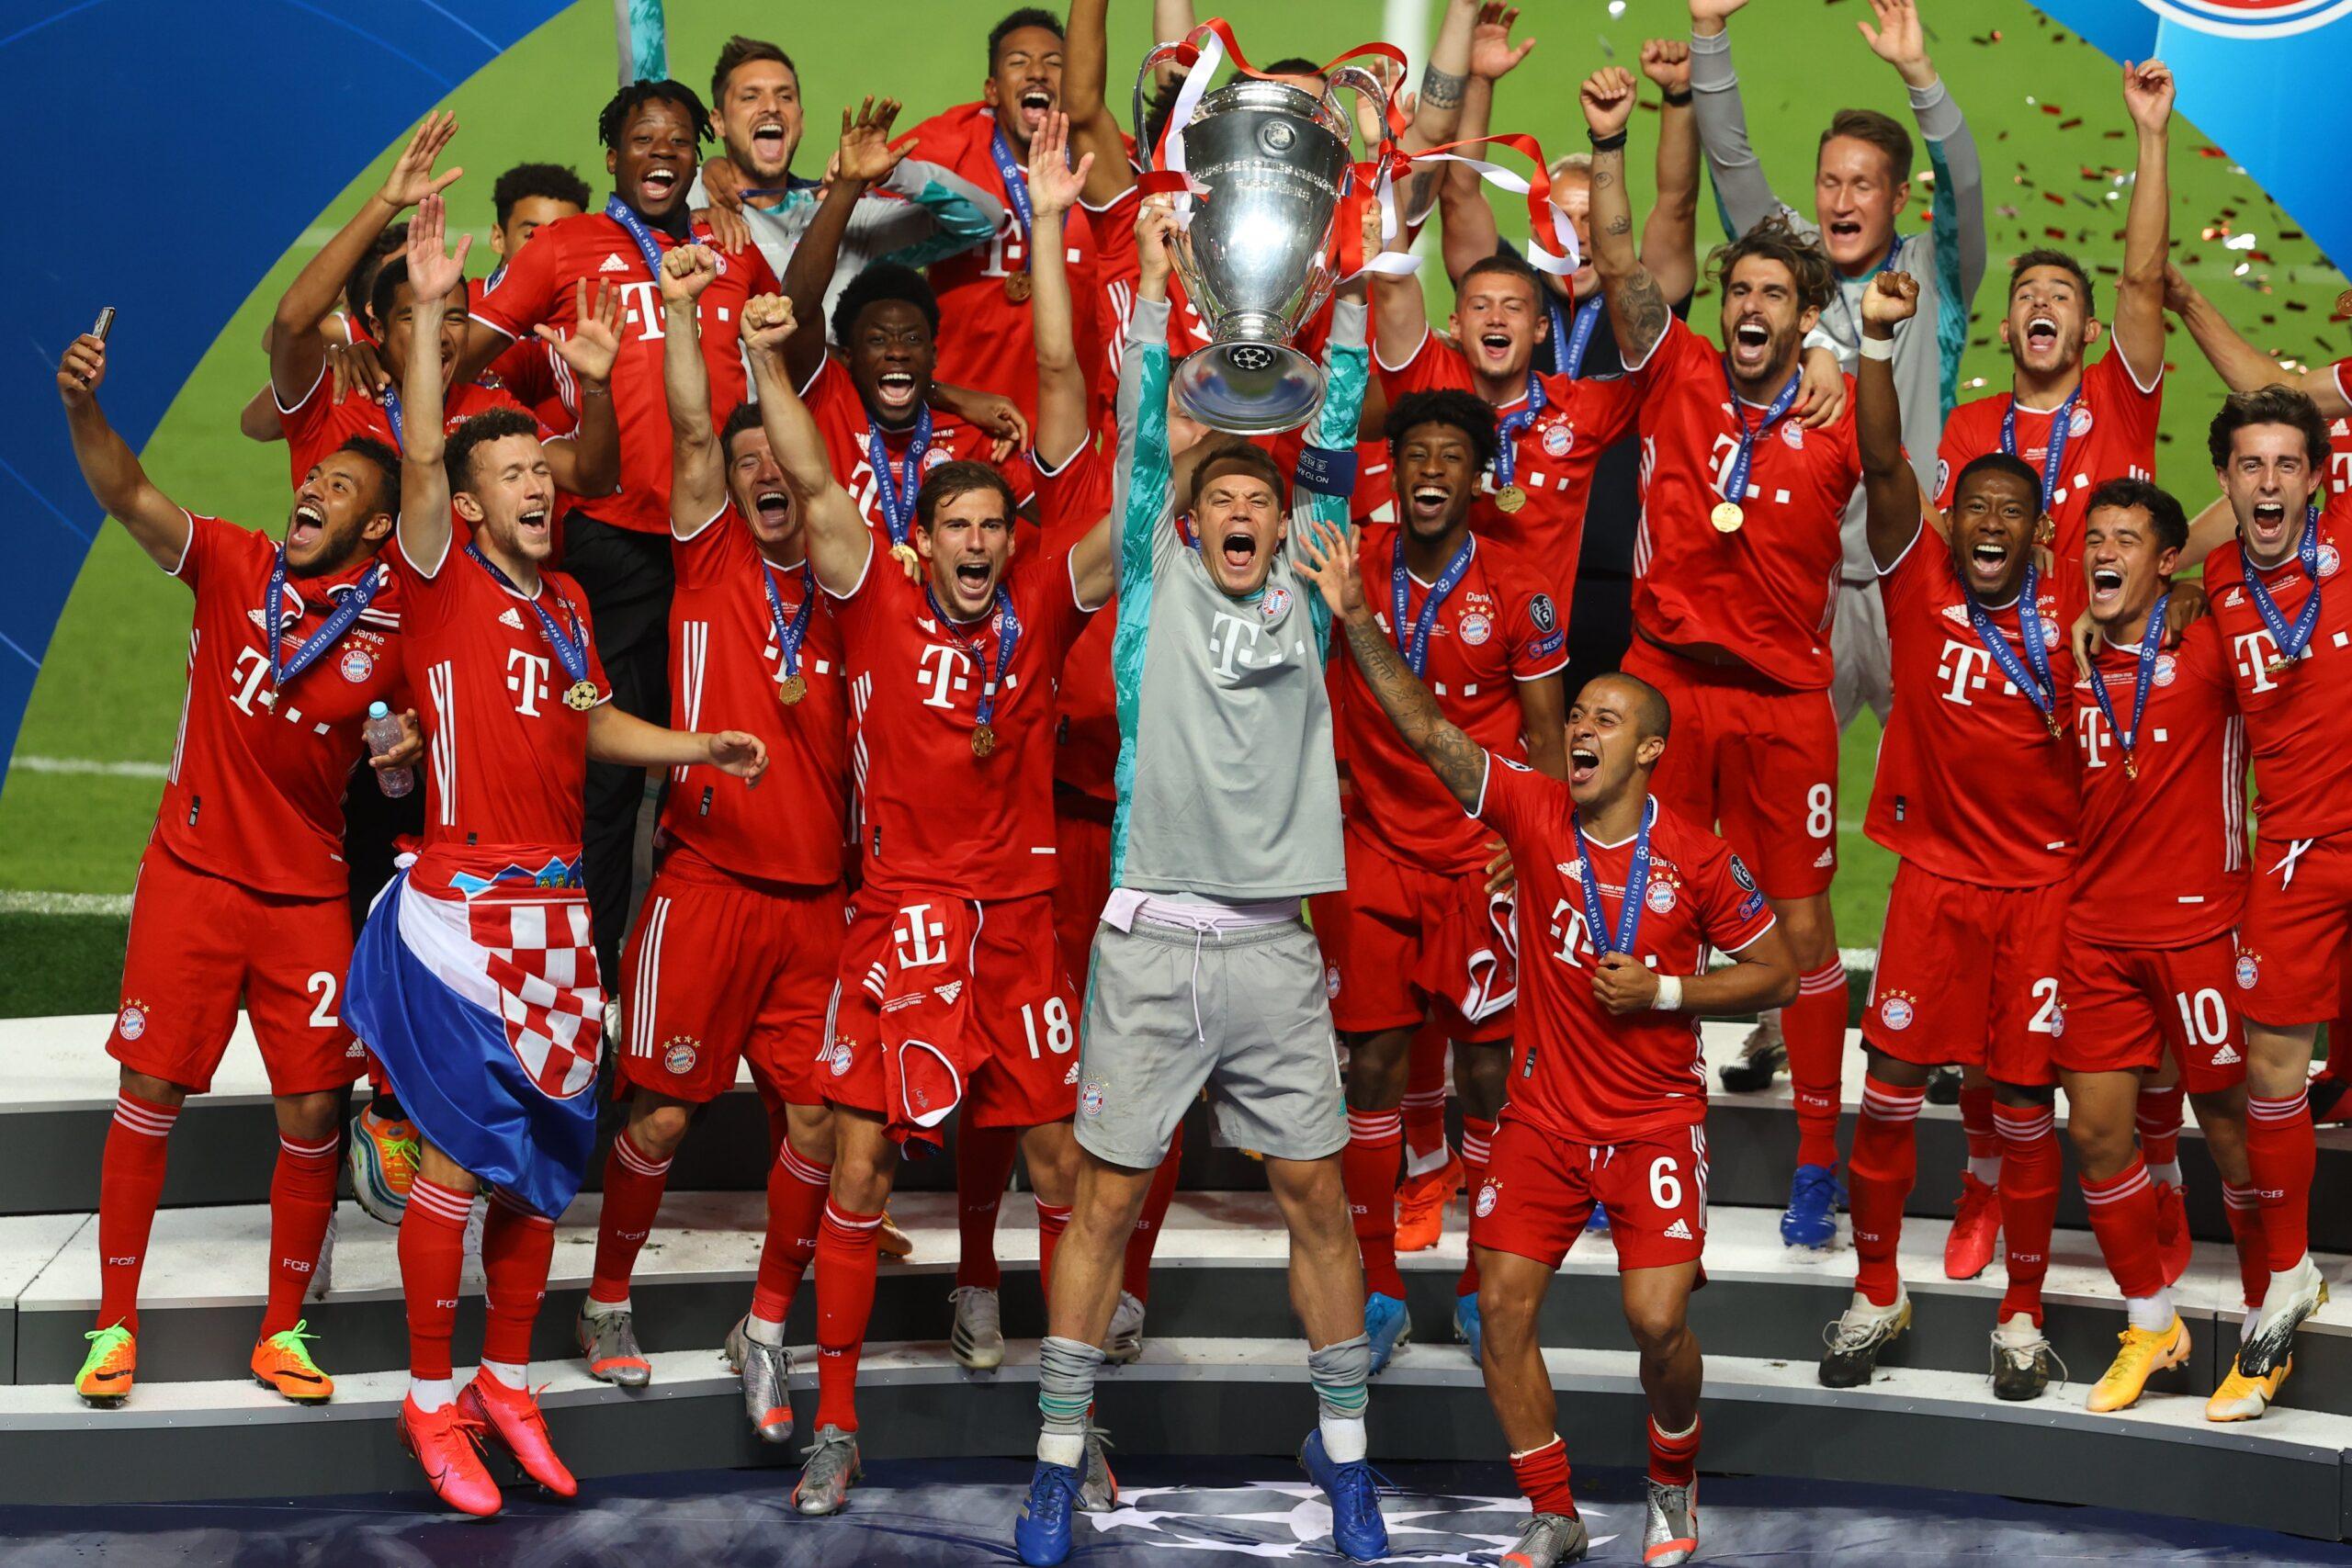 FC Bayern Munich won the Uefa Champions League